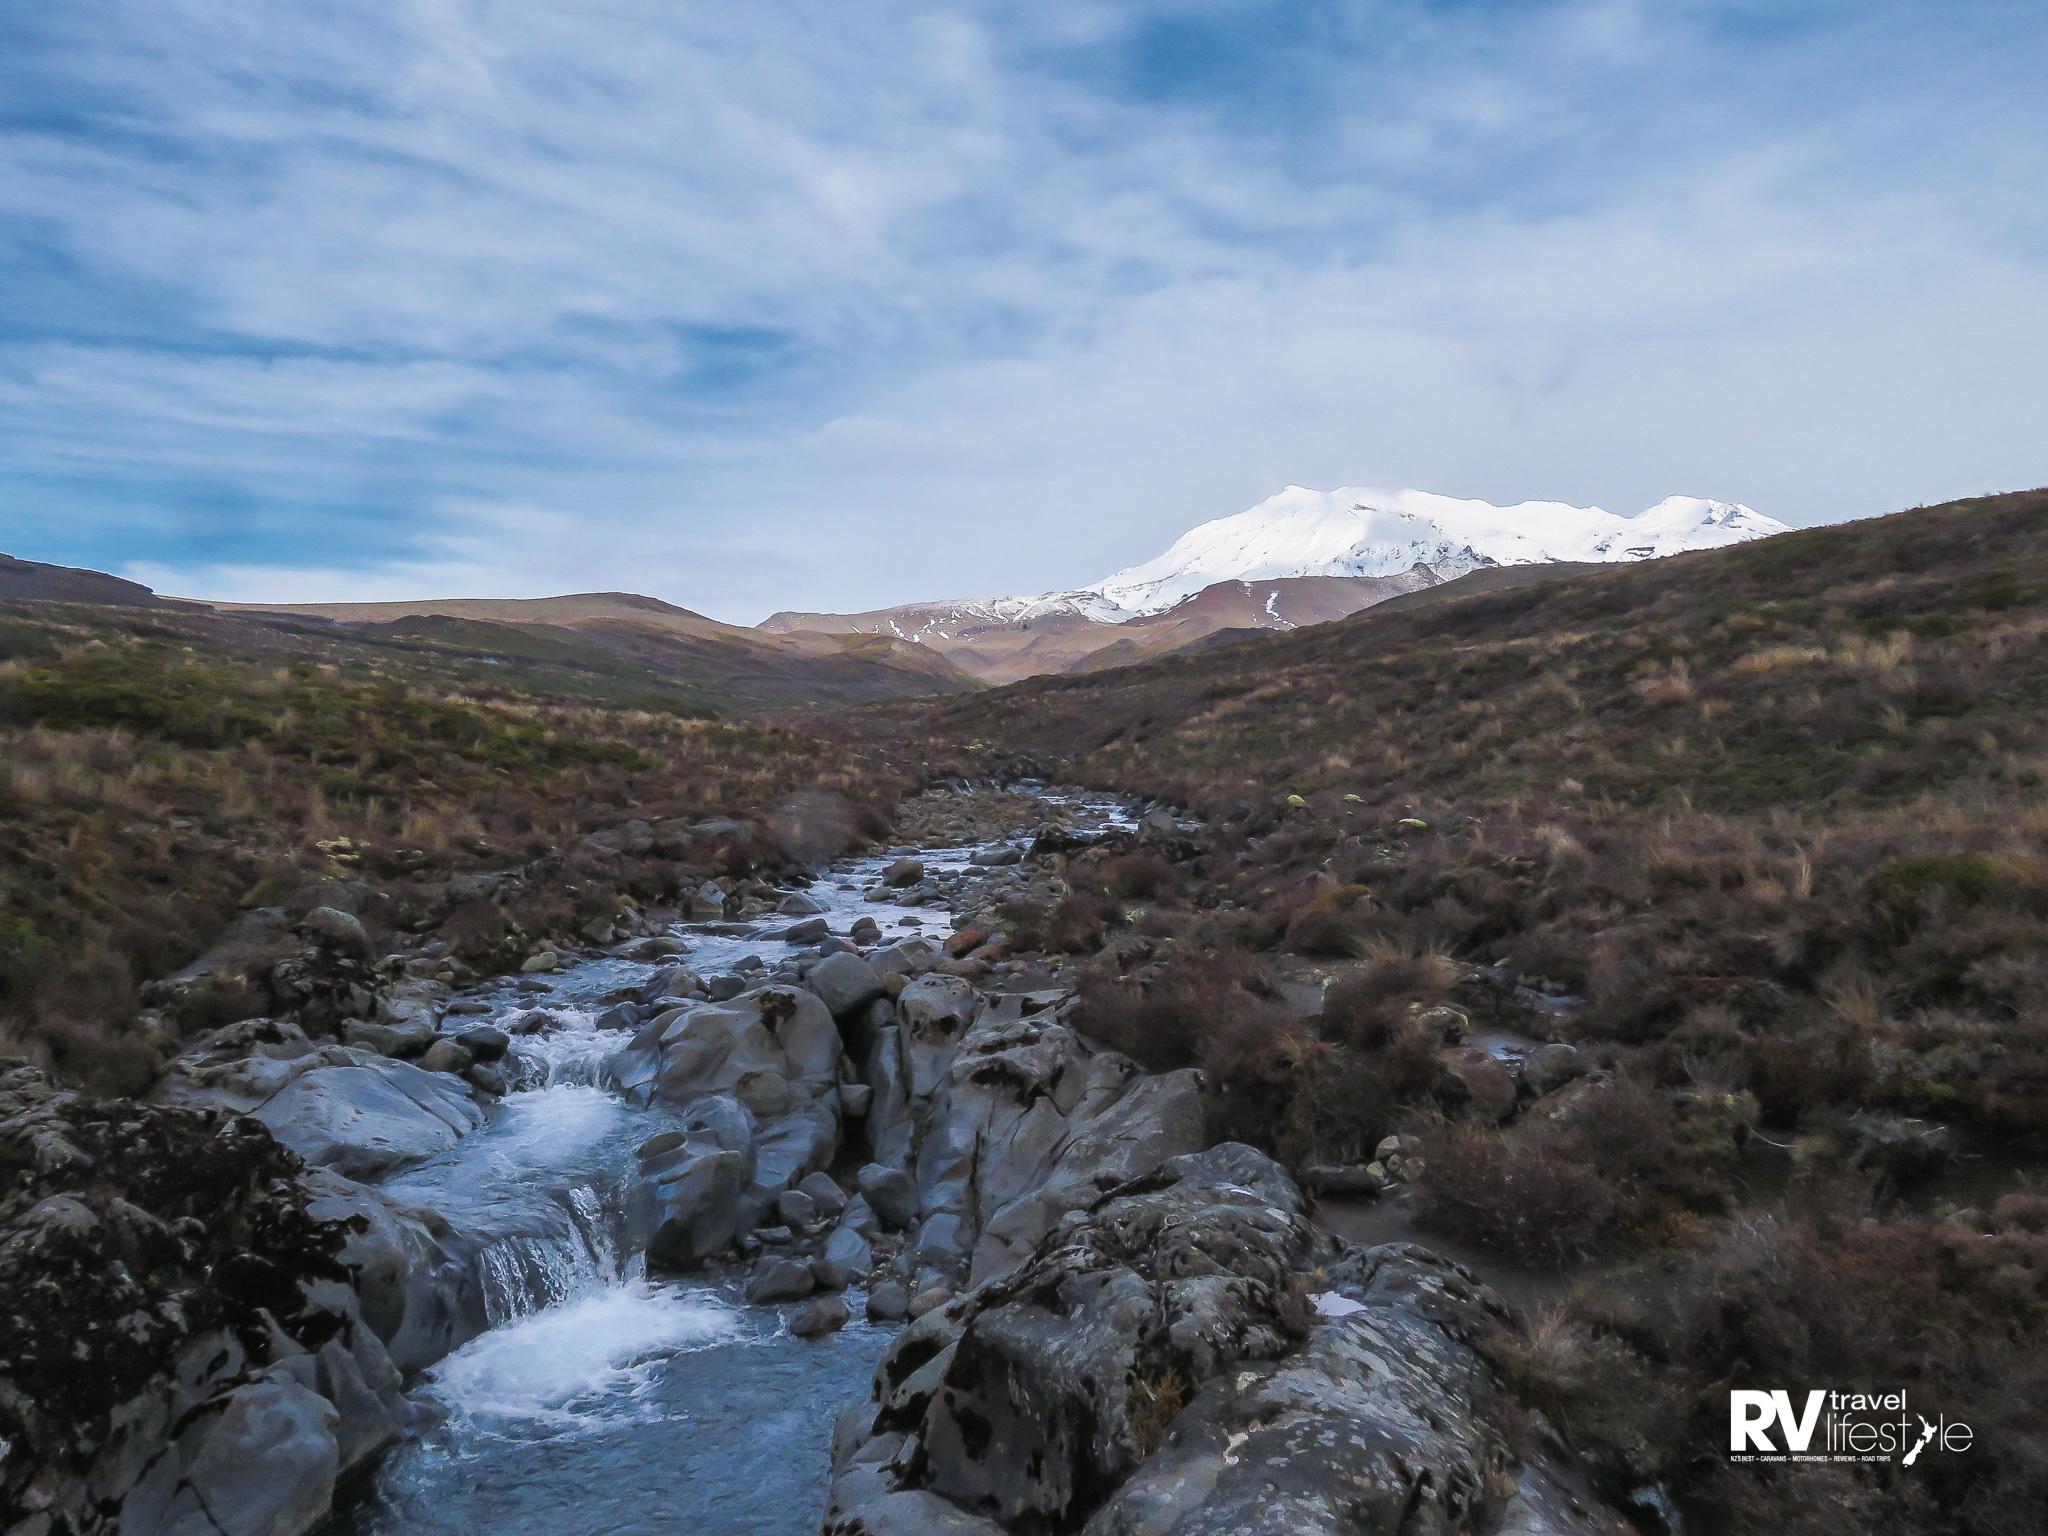 Turangi and Mount Ruapehu